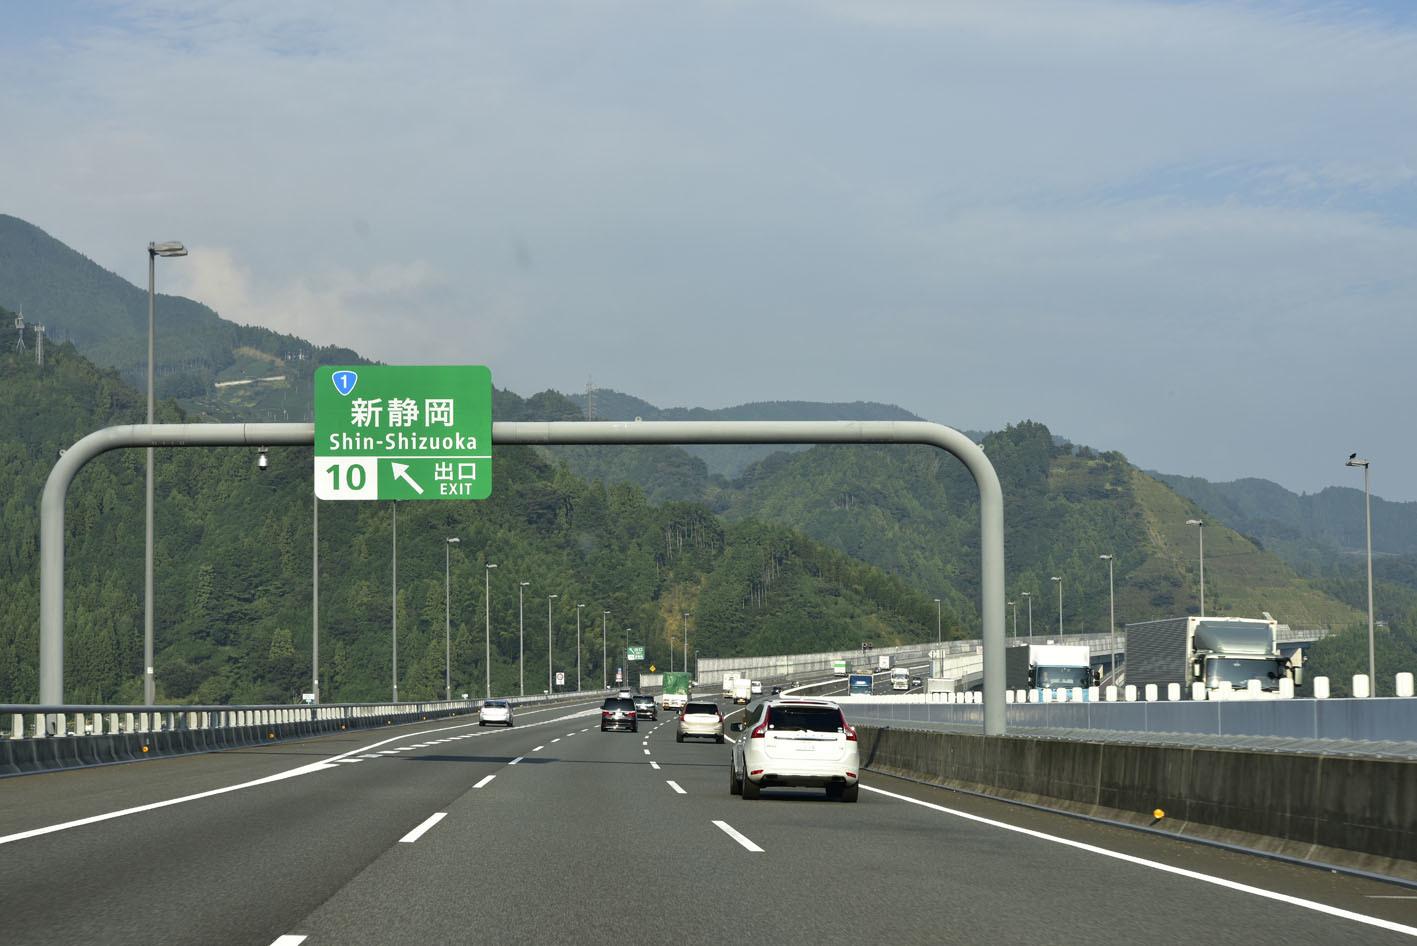 11月から新東名で、12月から東北道でまずは最高速度制限110km/hに引き上げ開始